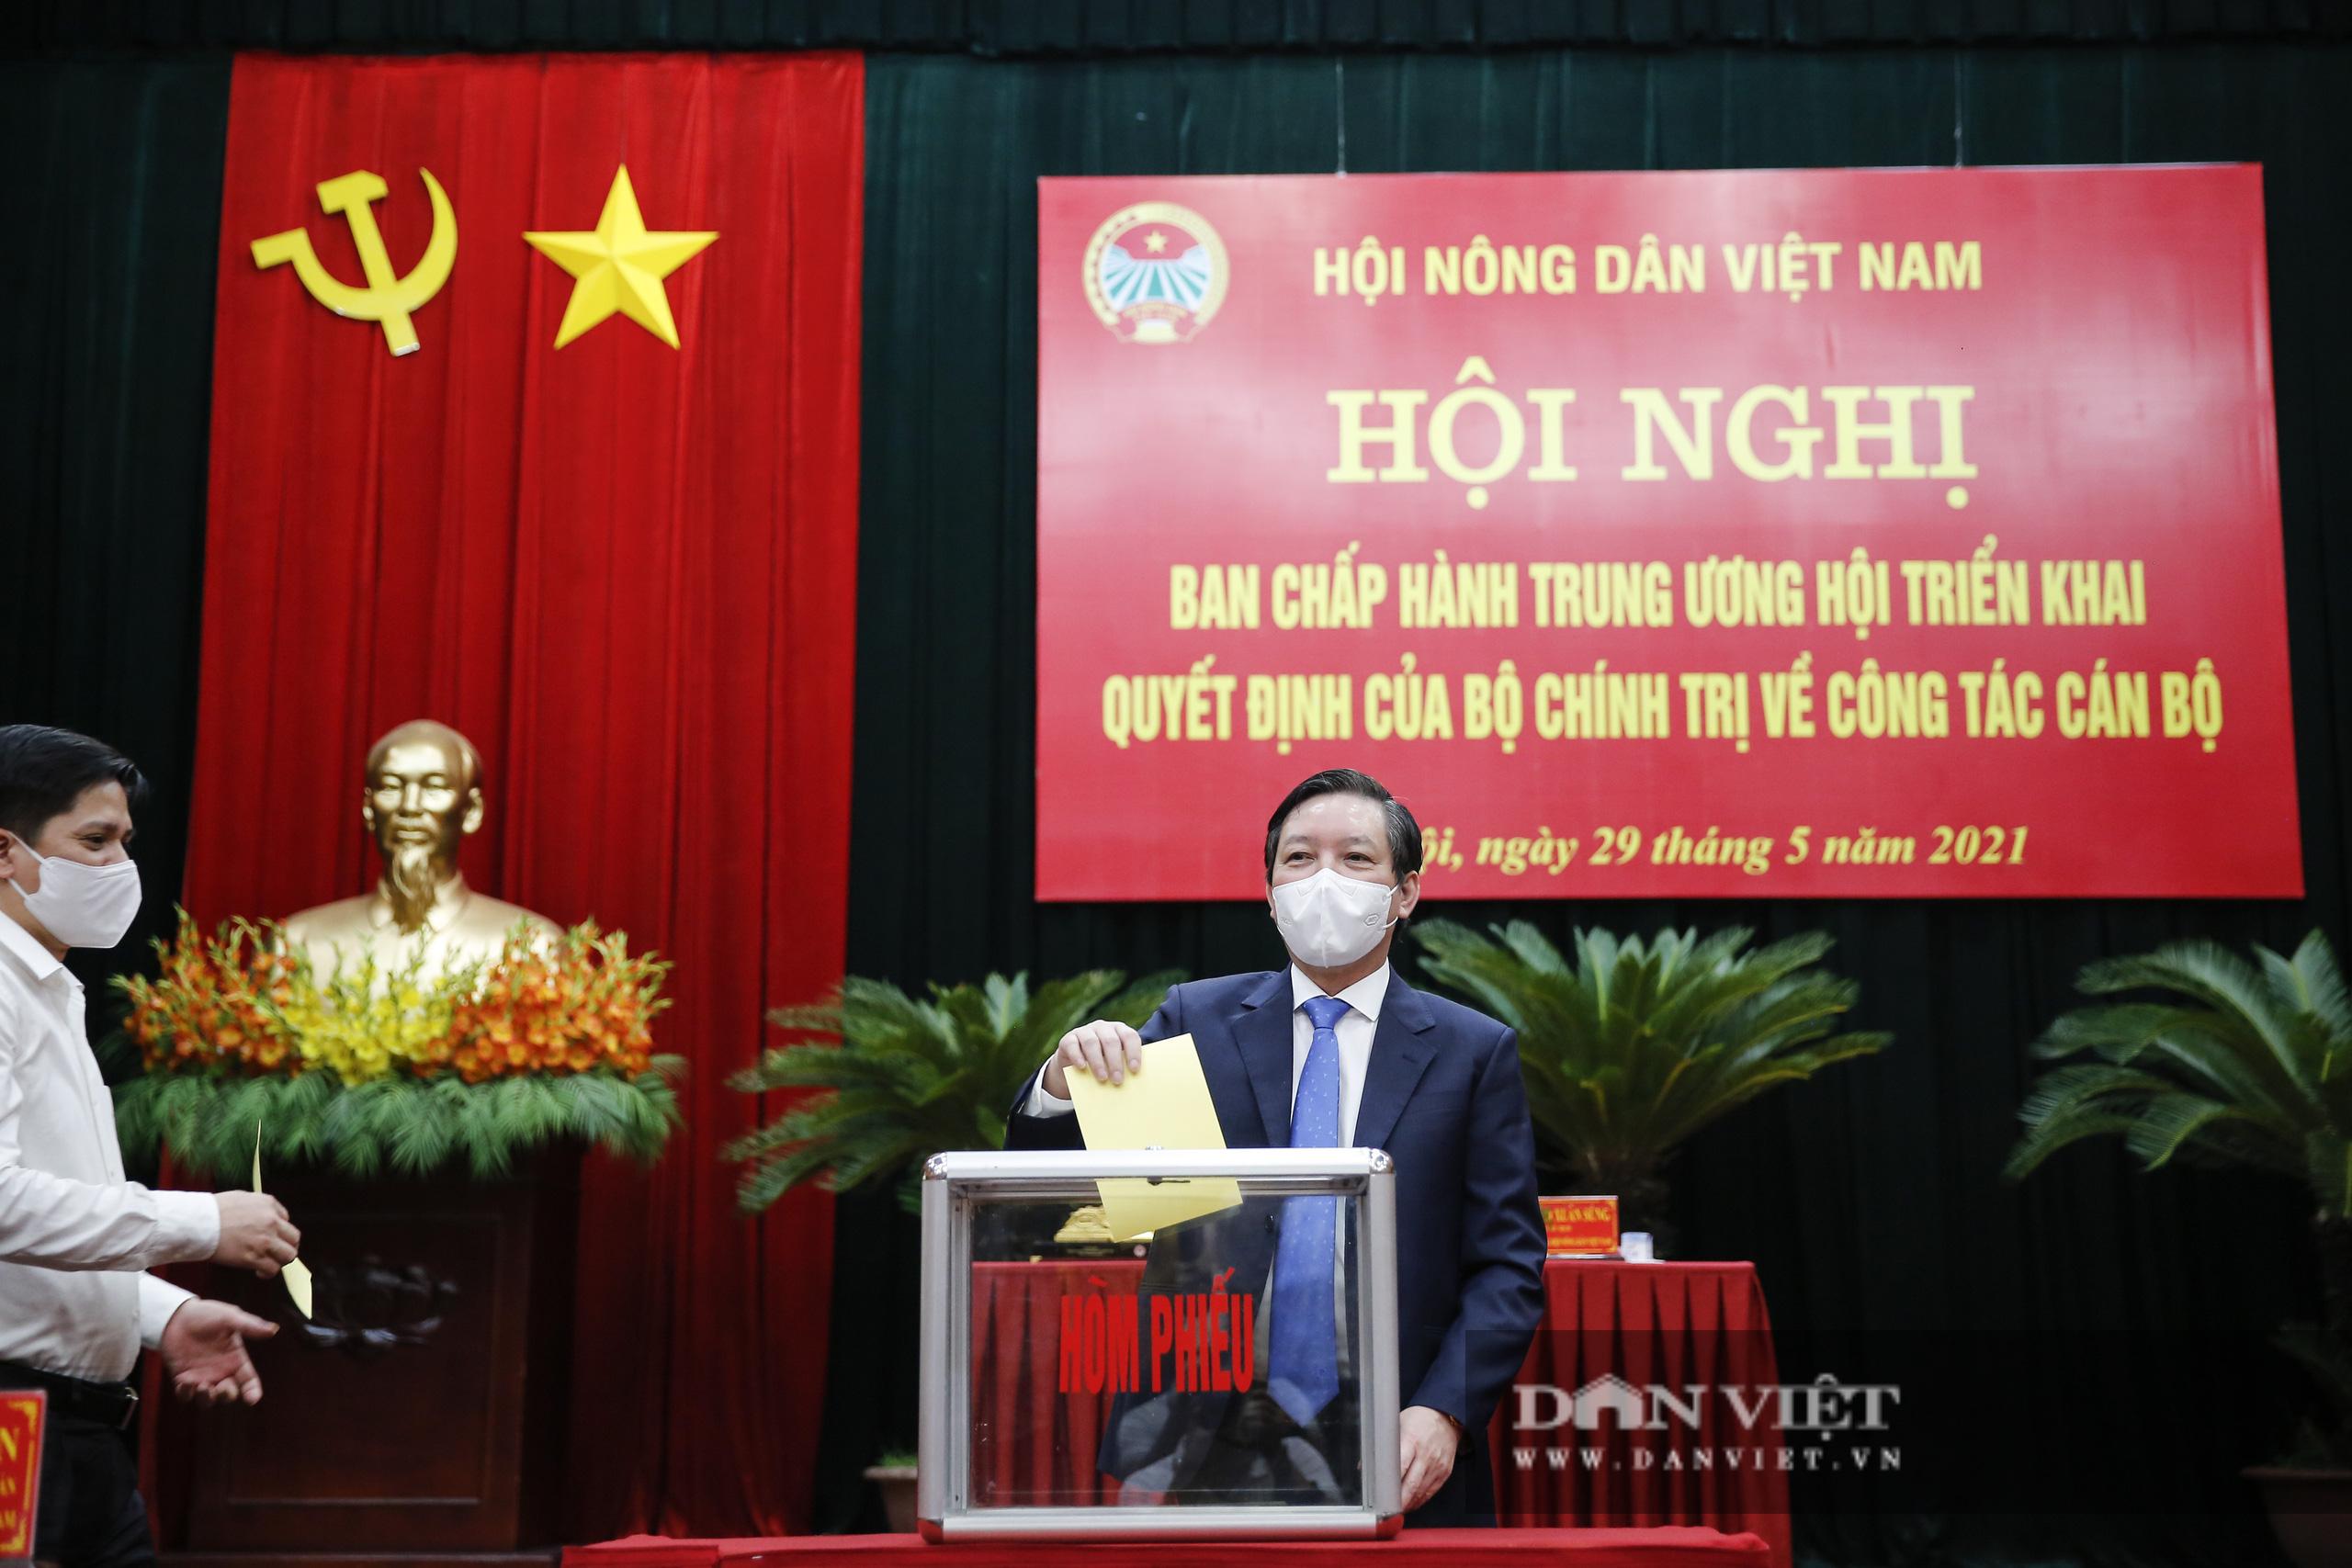 Ảnh: Hội nghị BCH TƯ Hội Nông dân Việt Nam triển khai quyết định của Bộ Chính trị về công tác cán bộ - Ảnh 10.